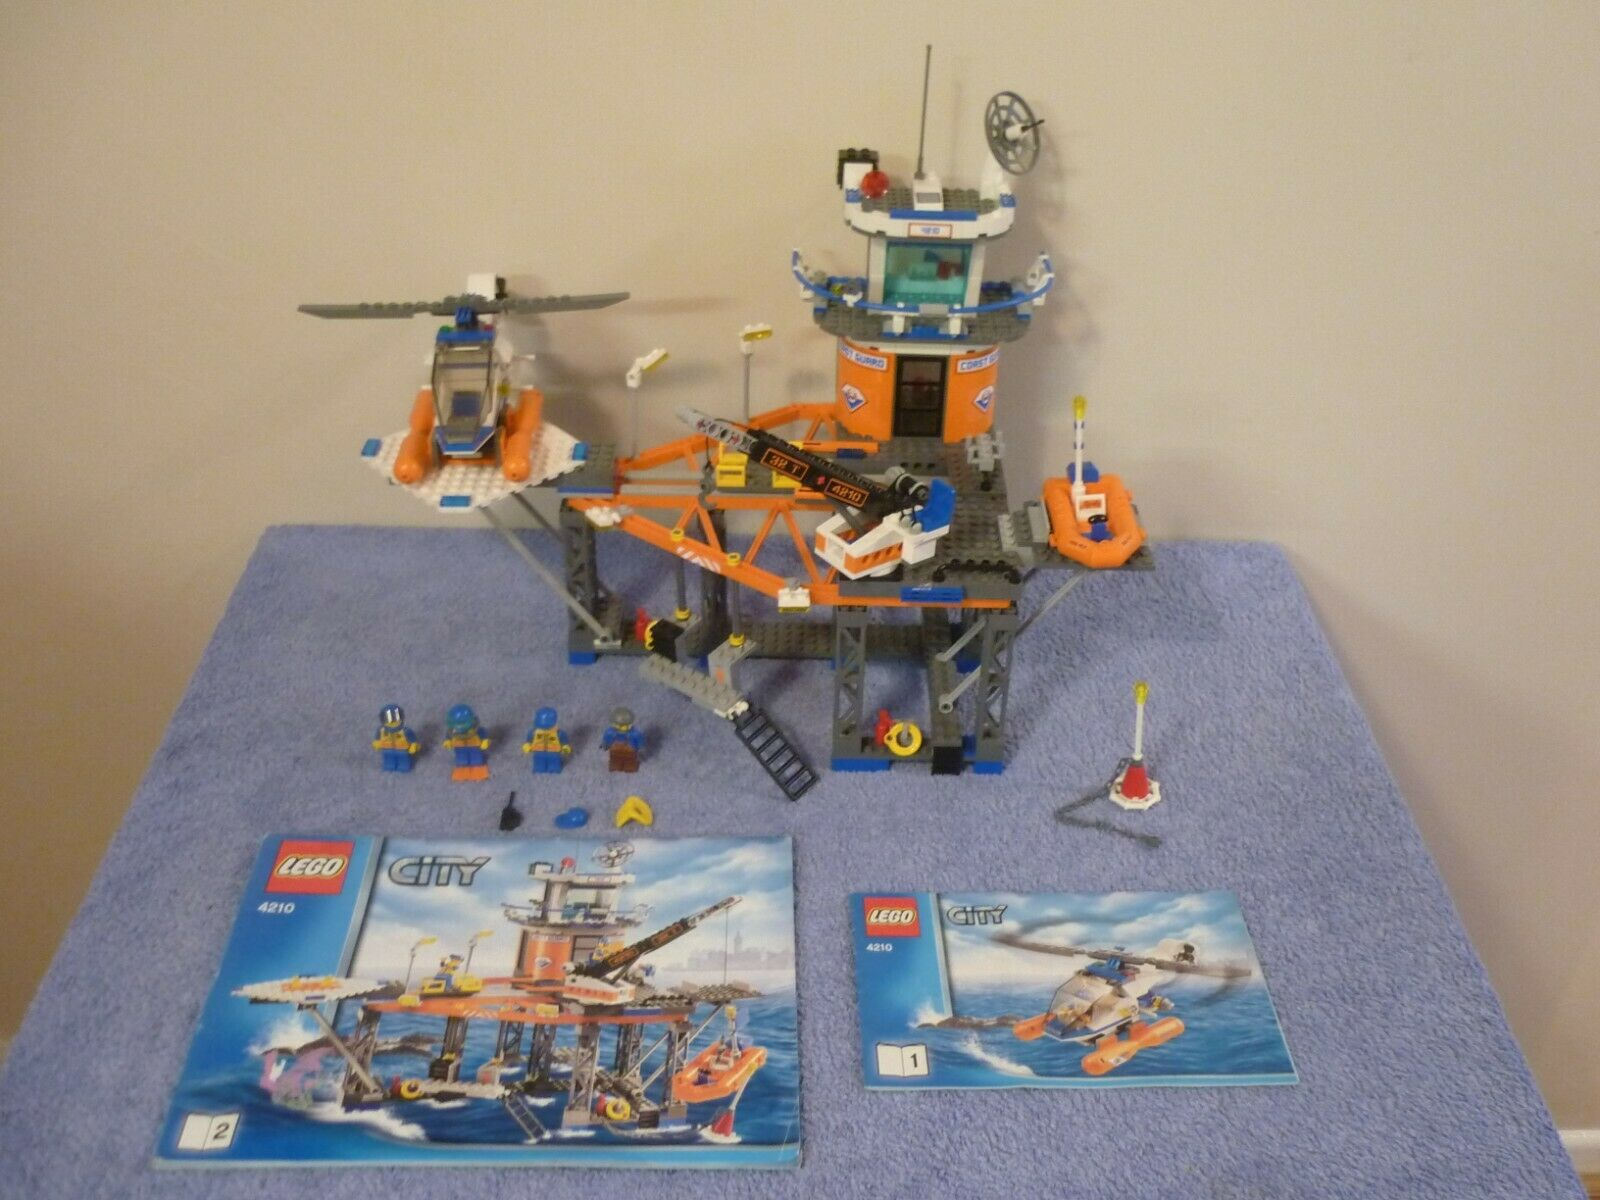 Lego City Guardacostas plataforma (4210)